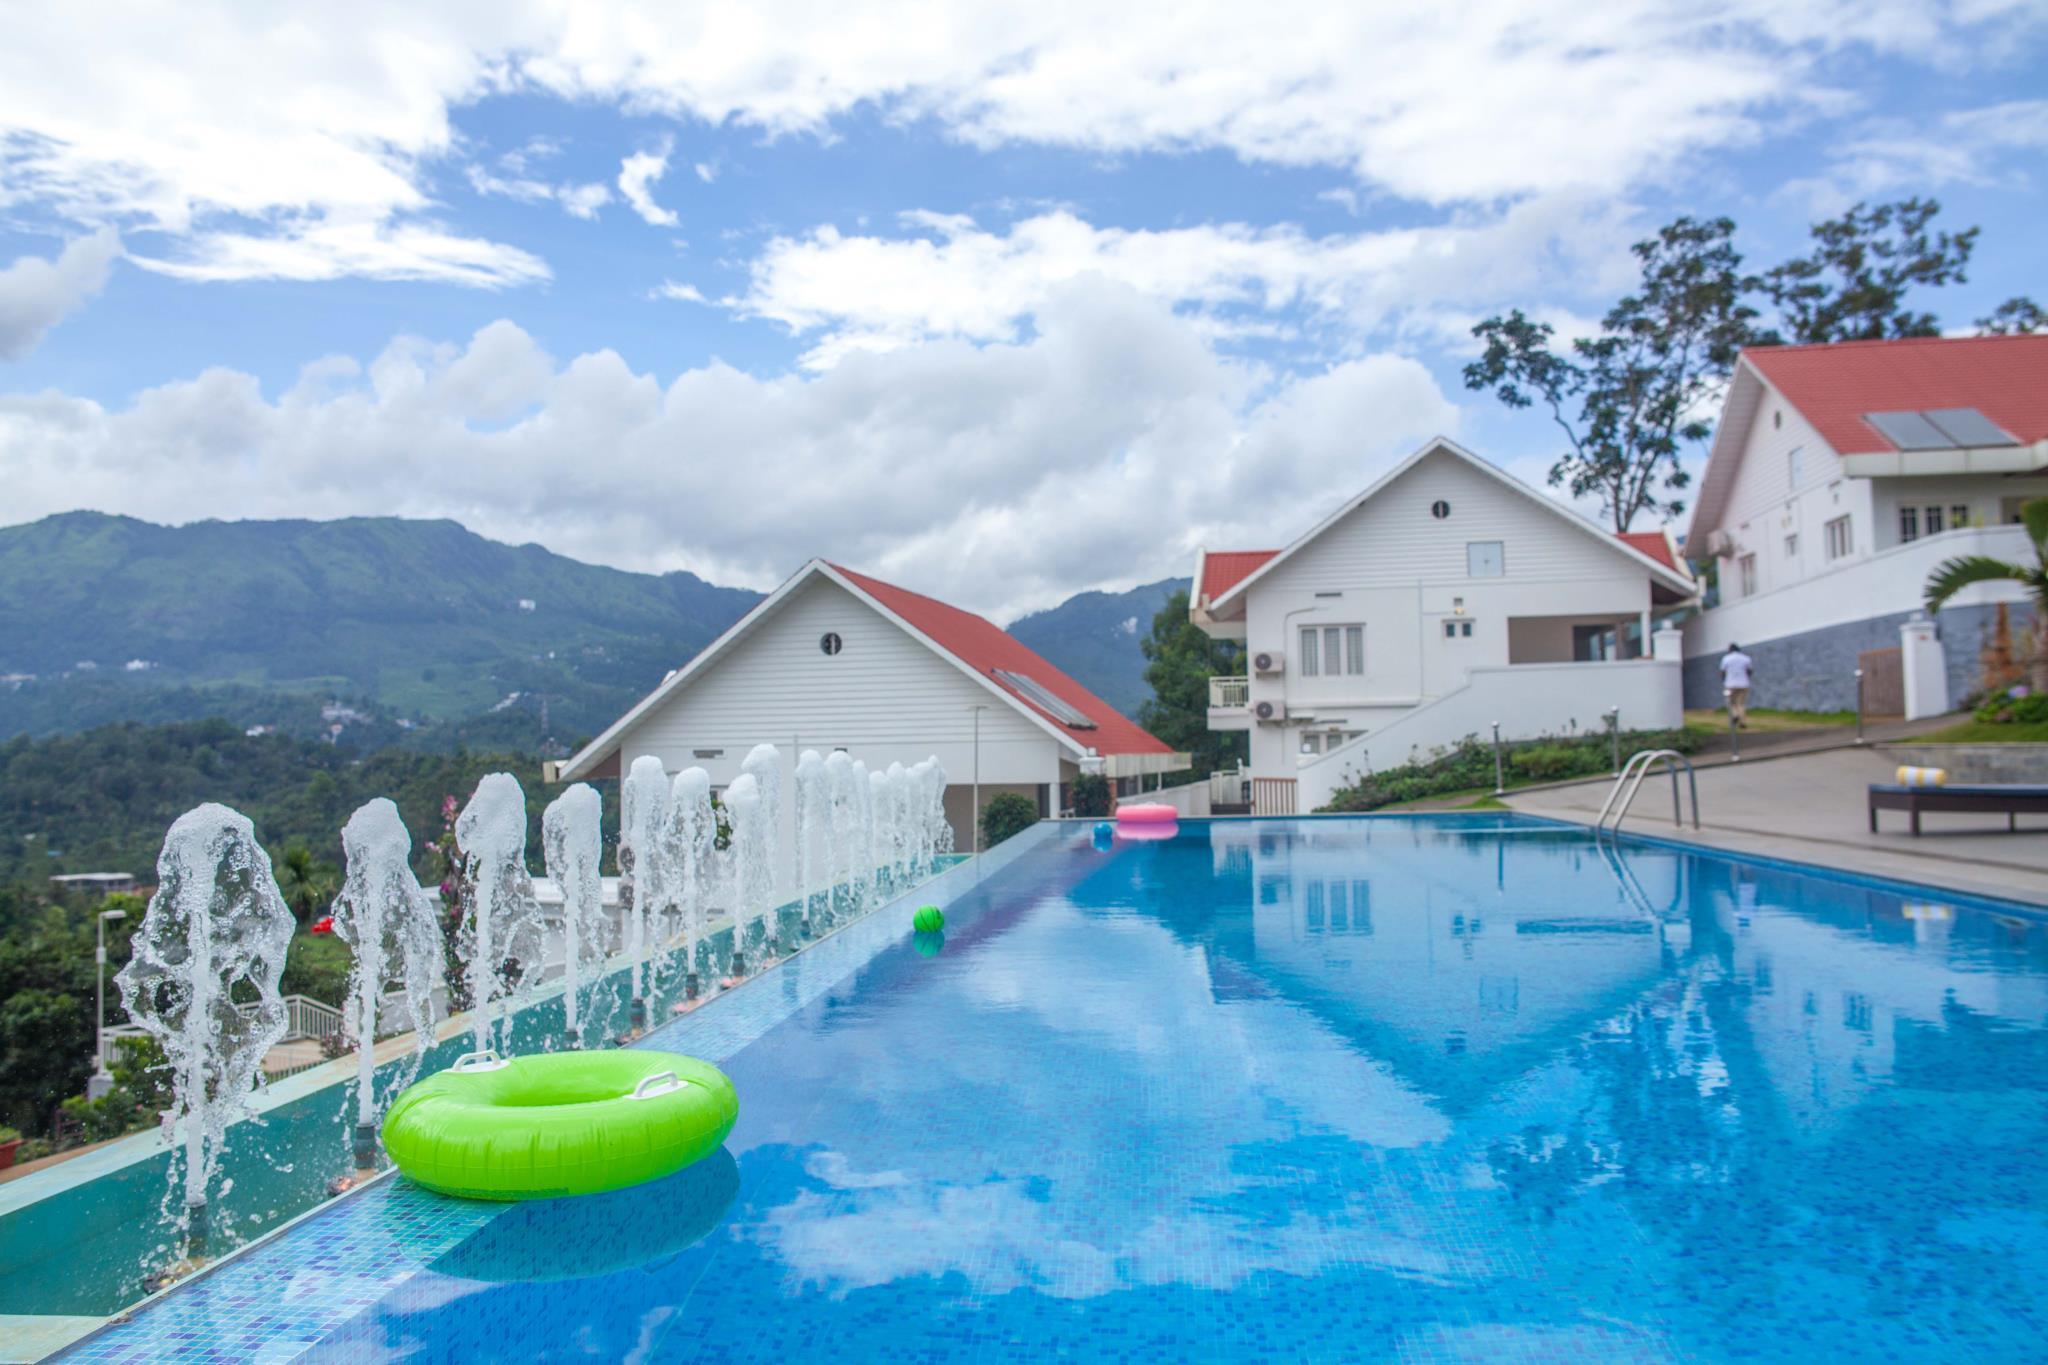 The Fog Resort Munnar